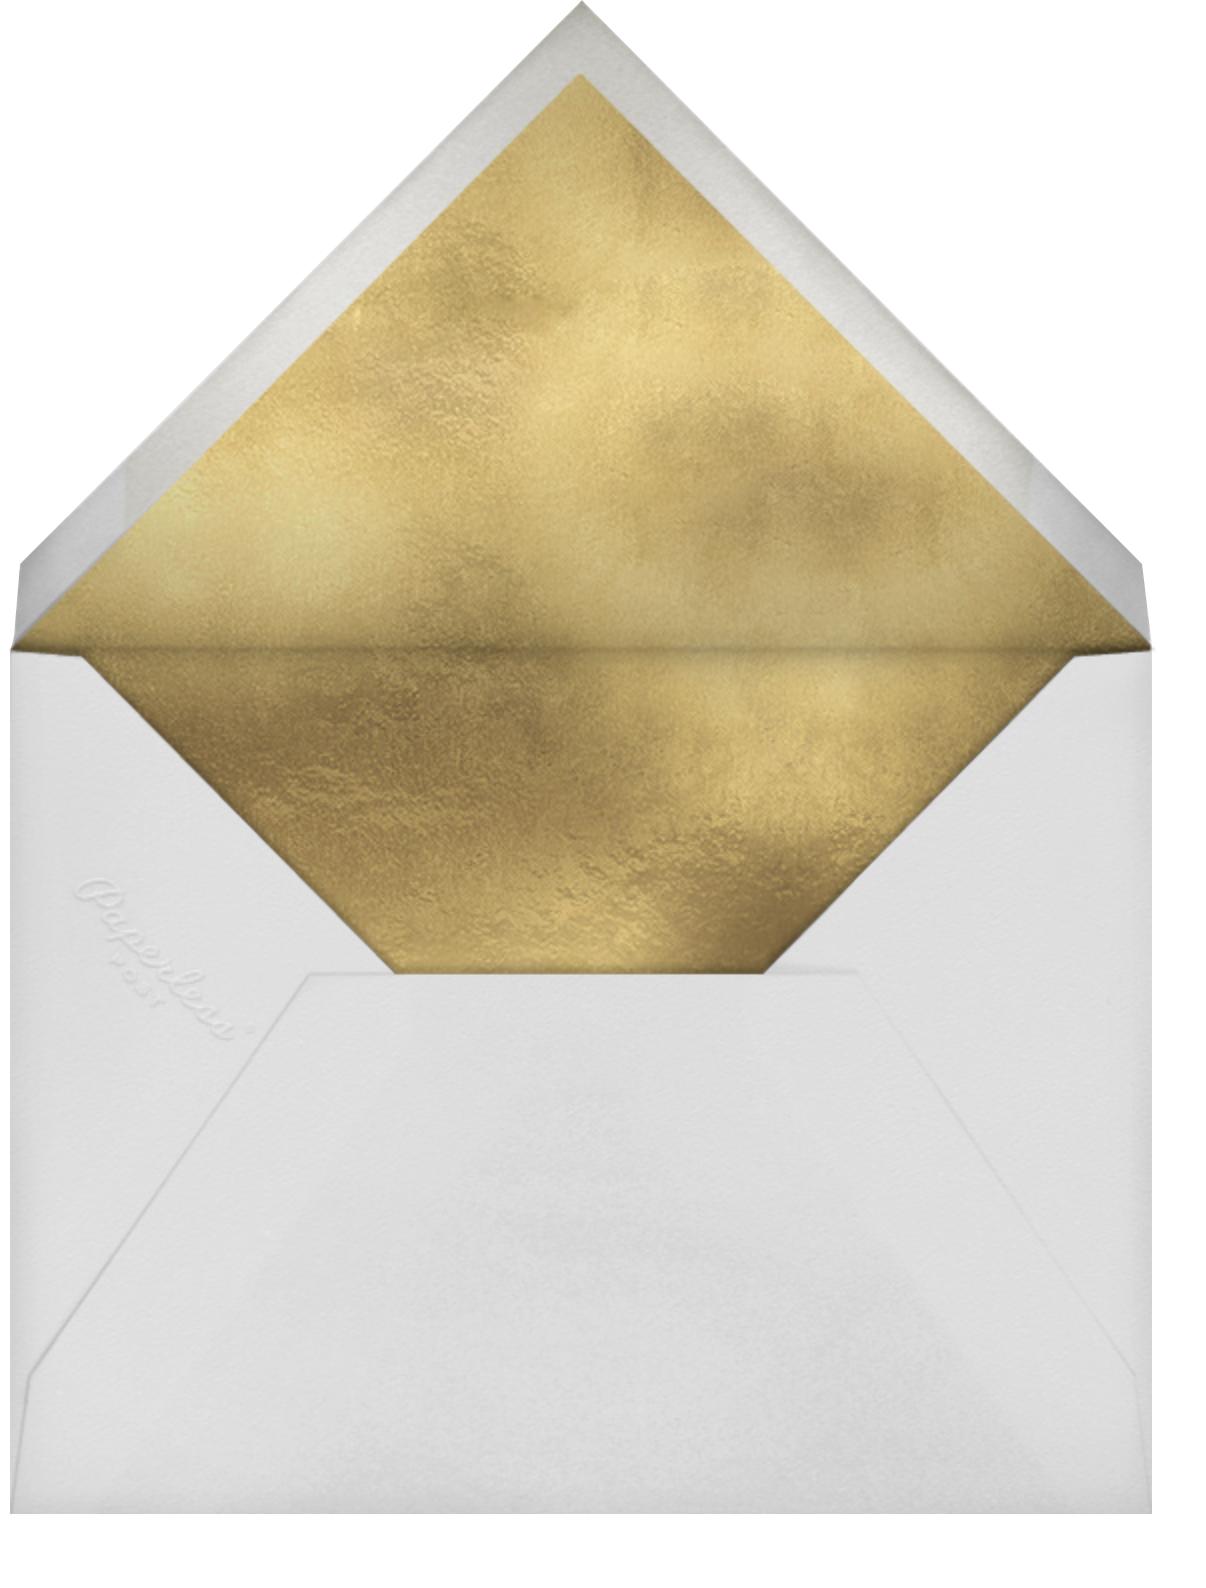 Champ Flute - kate spade new york - Envelope